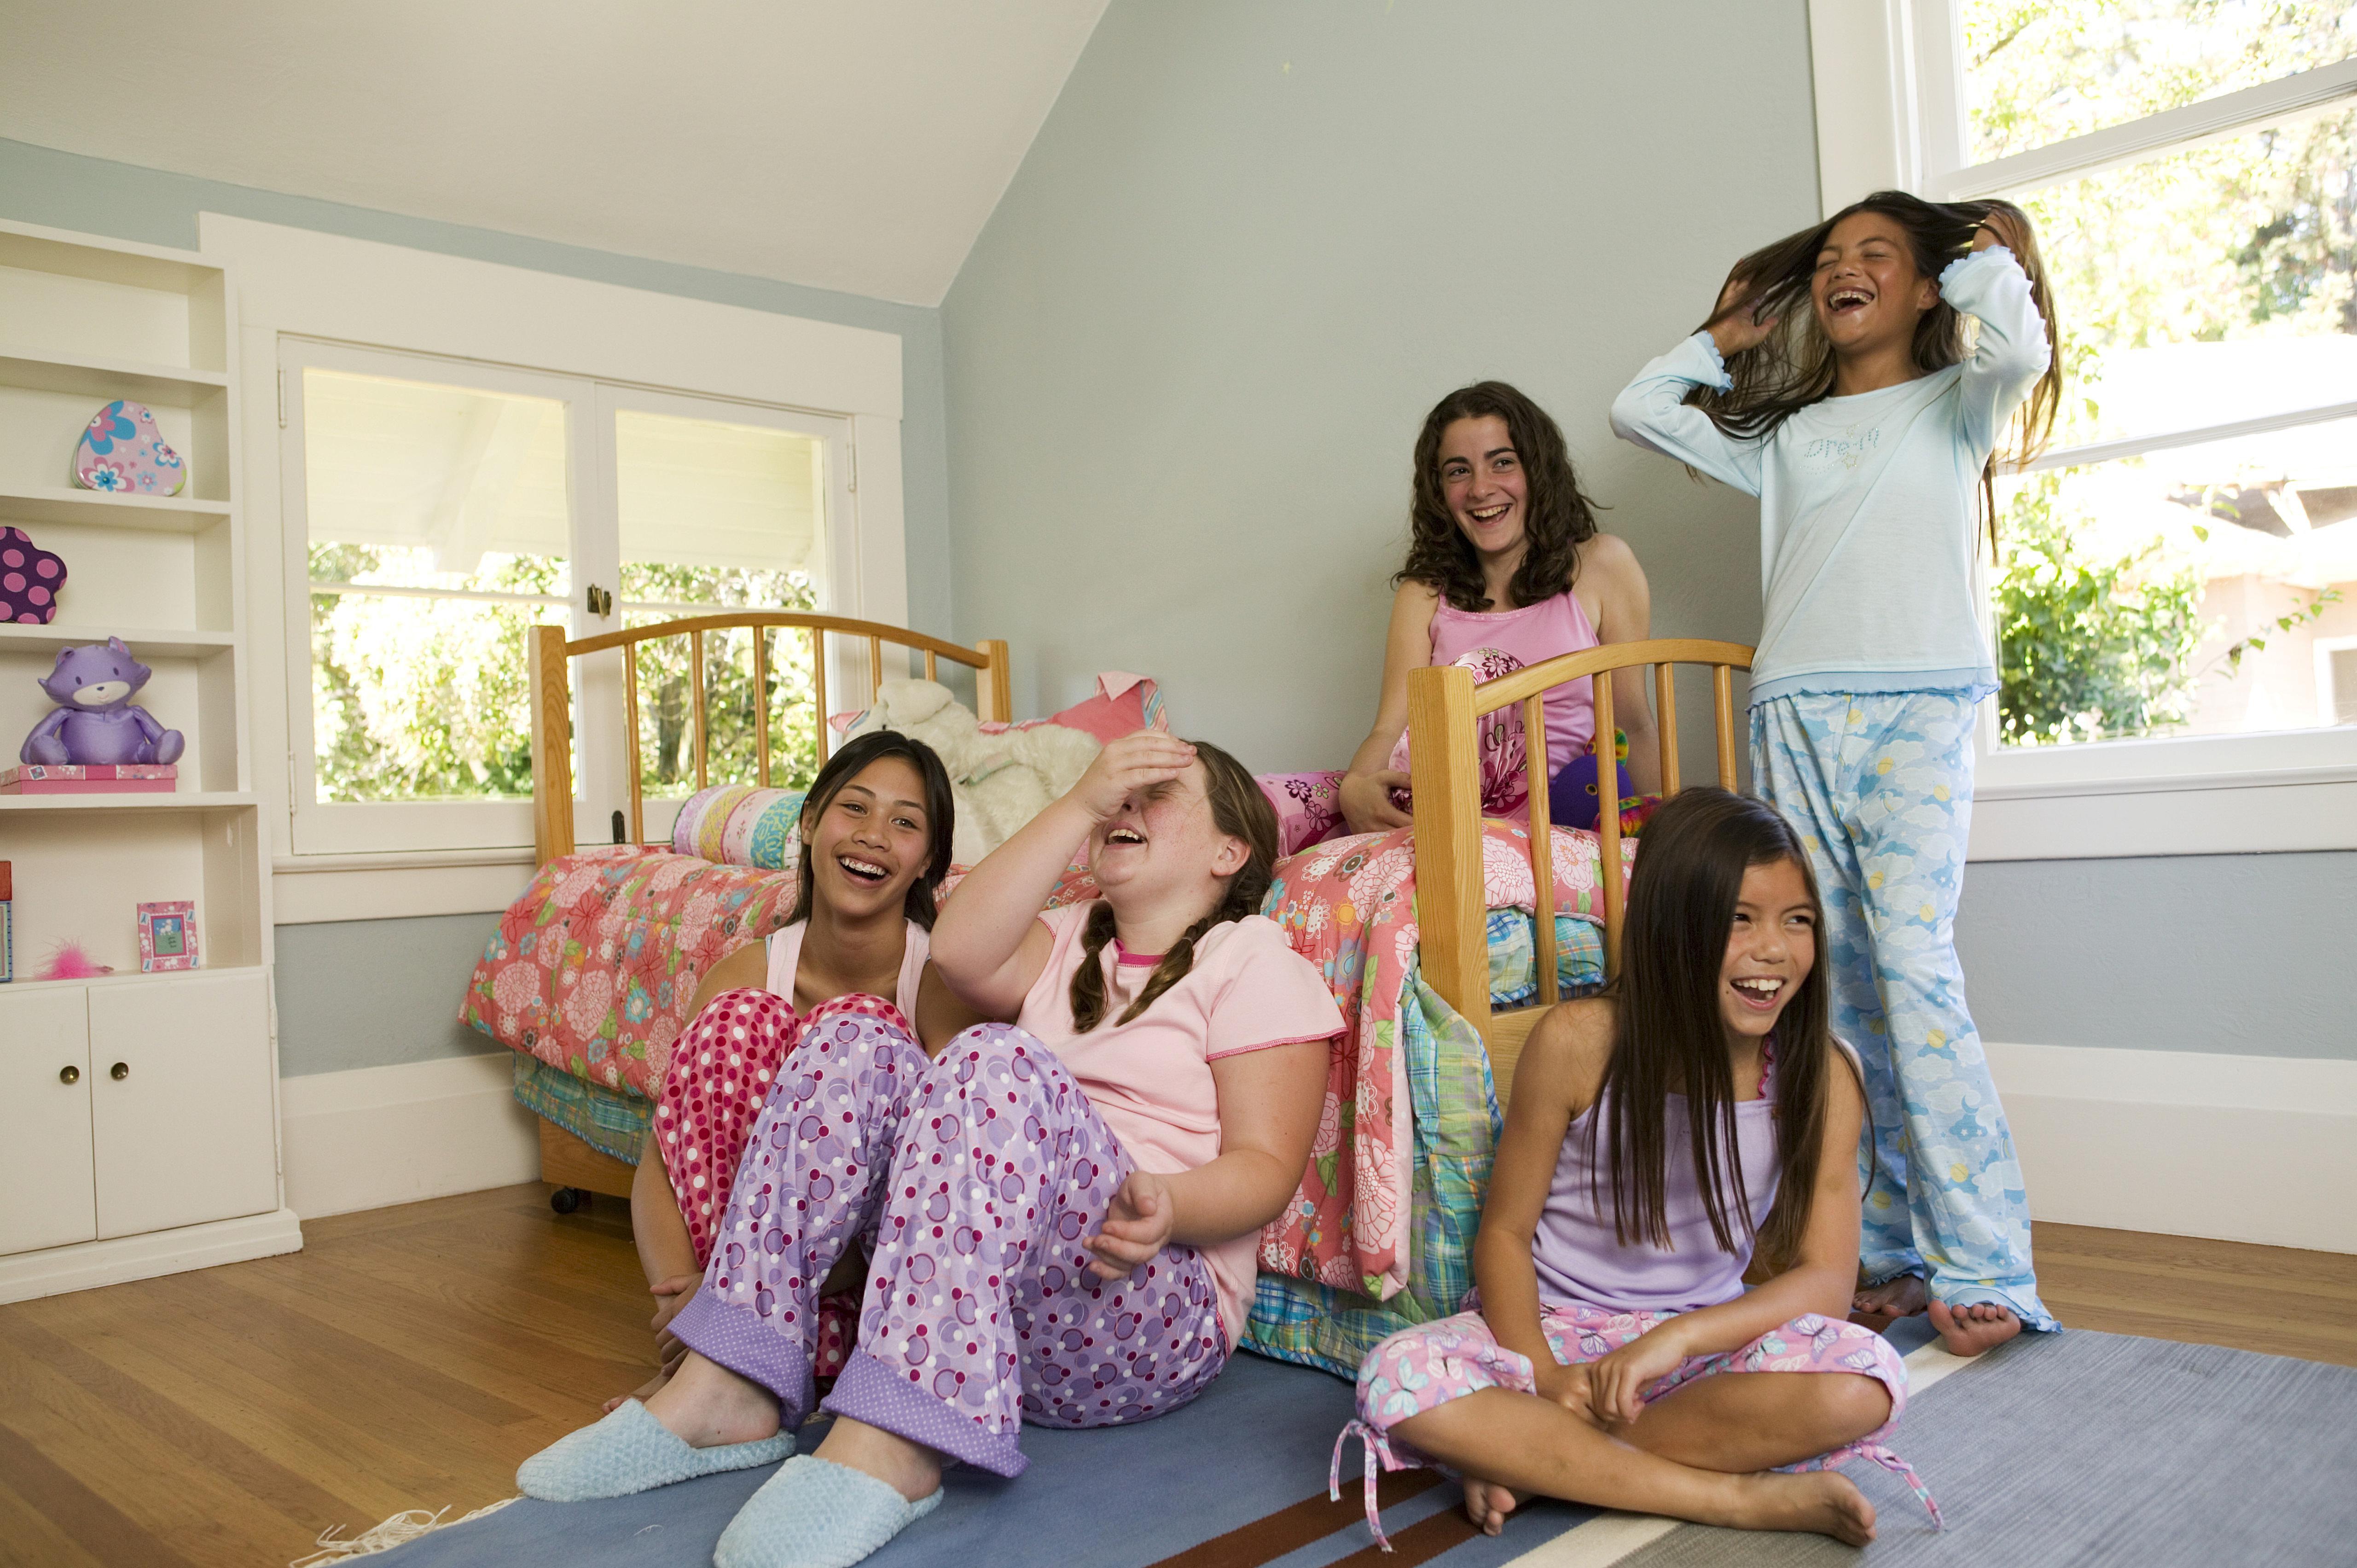 d887c19c06 Five girls (9-11) wearing pajamas in bedroom